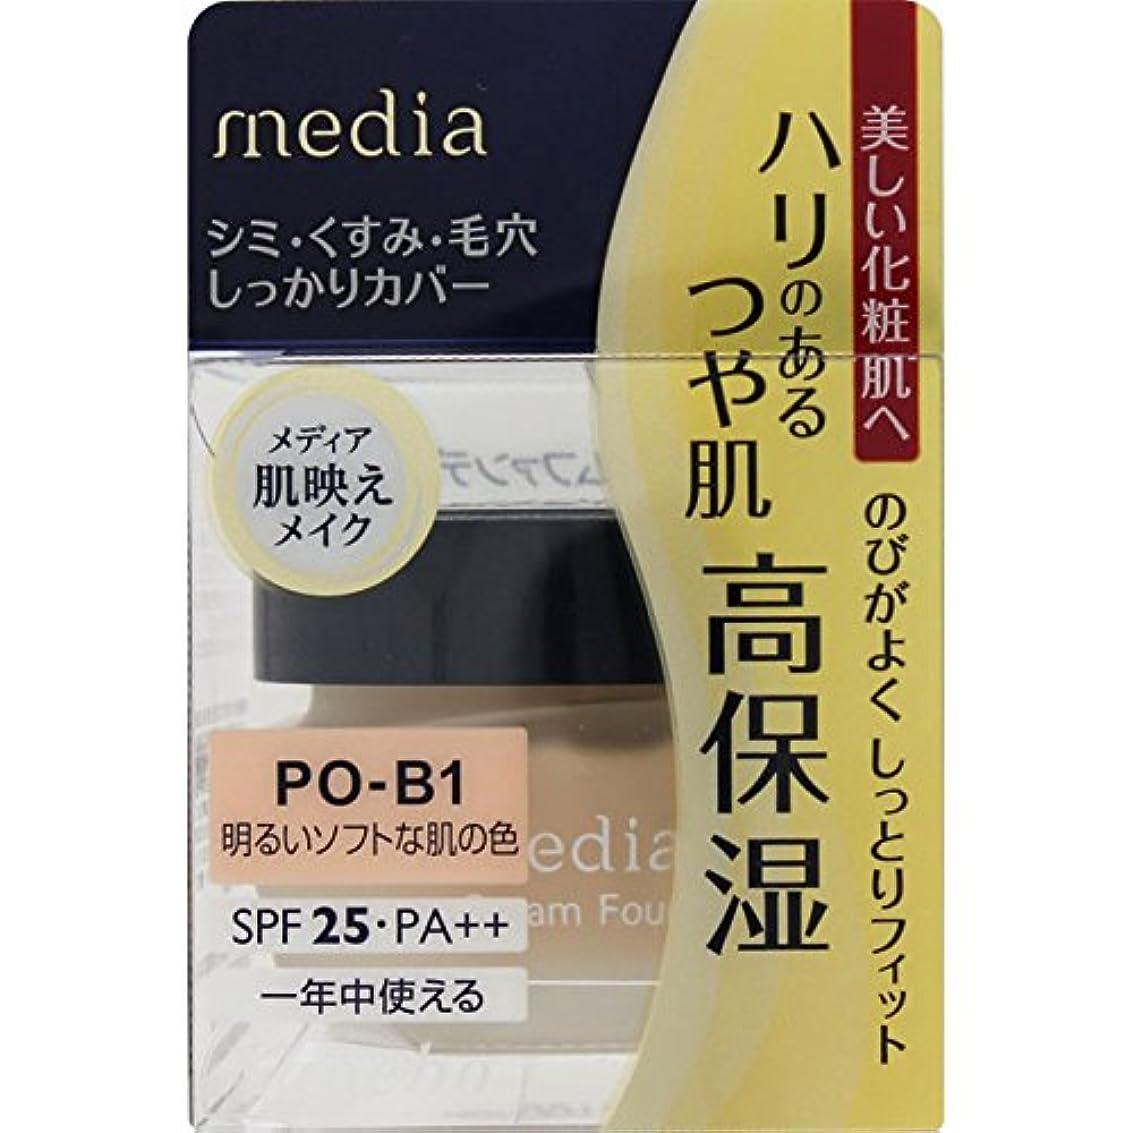 母音パキスタン人あさりカネボウ化粧品 メディア クリームファンデーション 明るいソフトな肌の色 POーB1